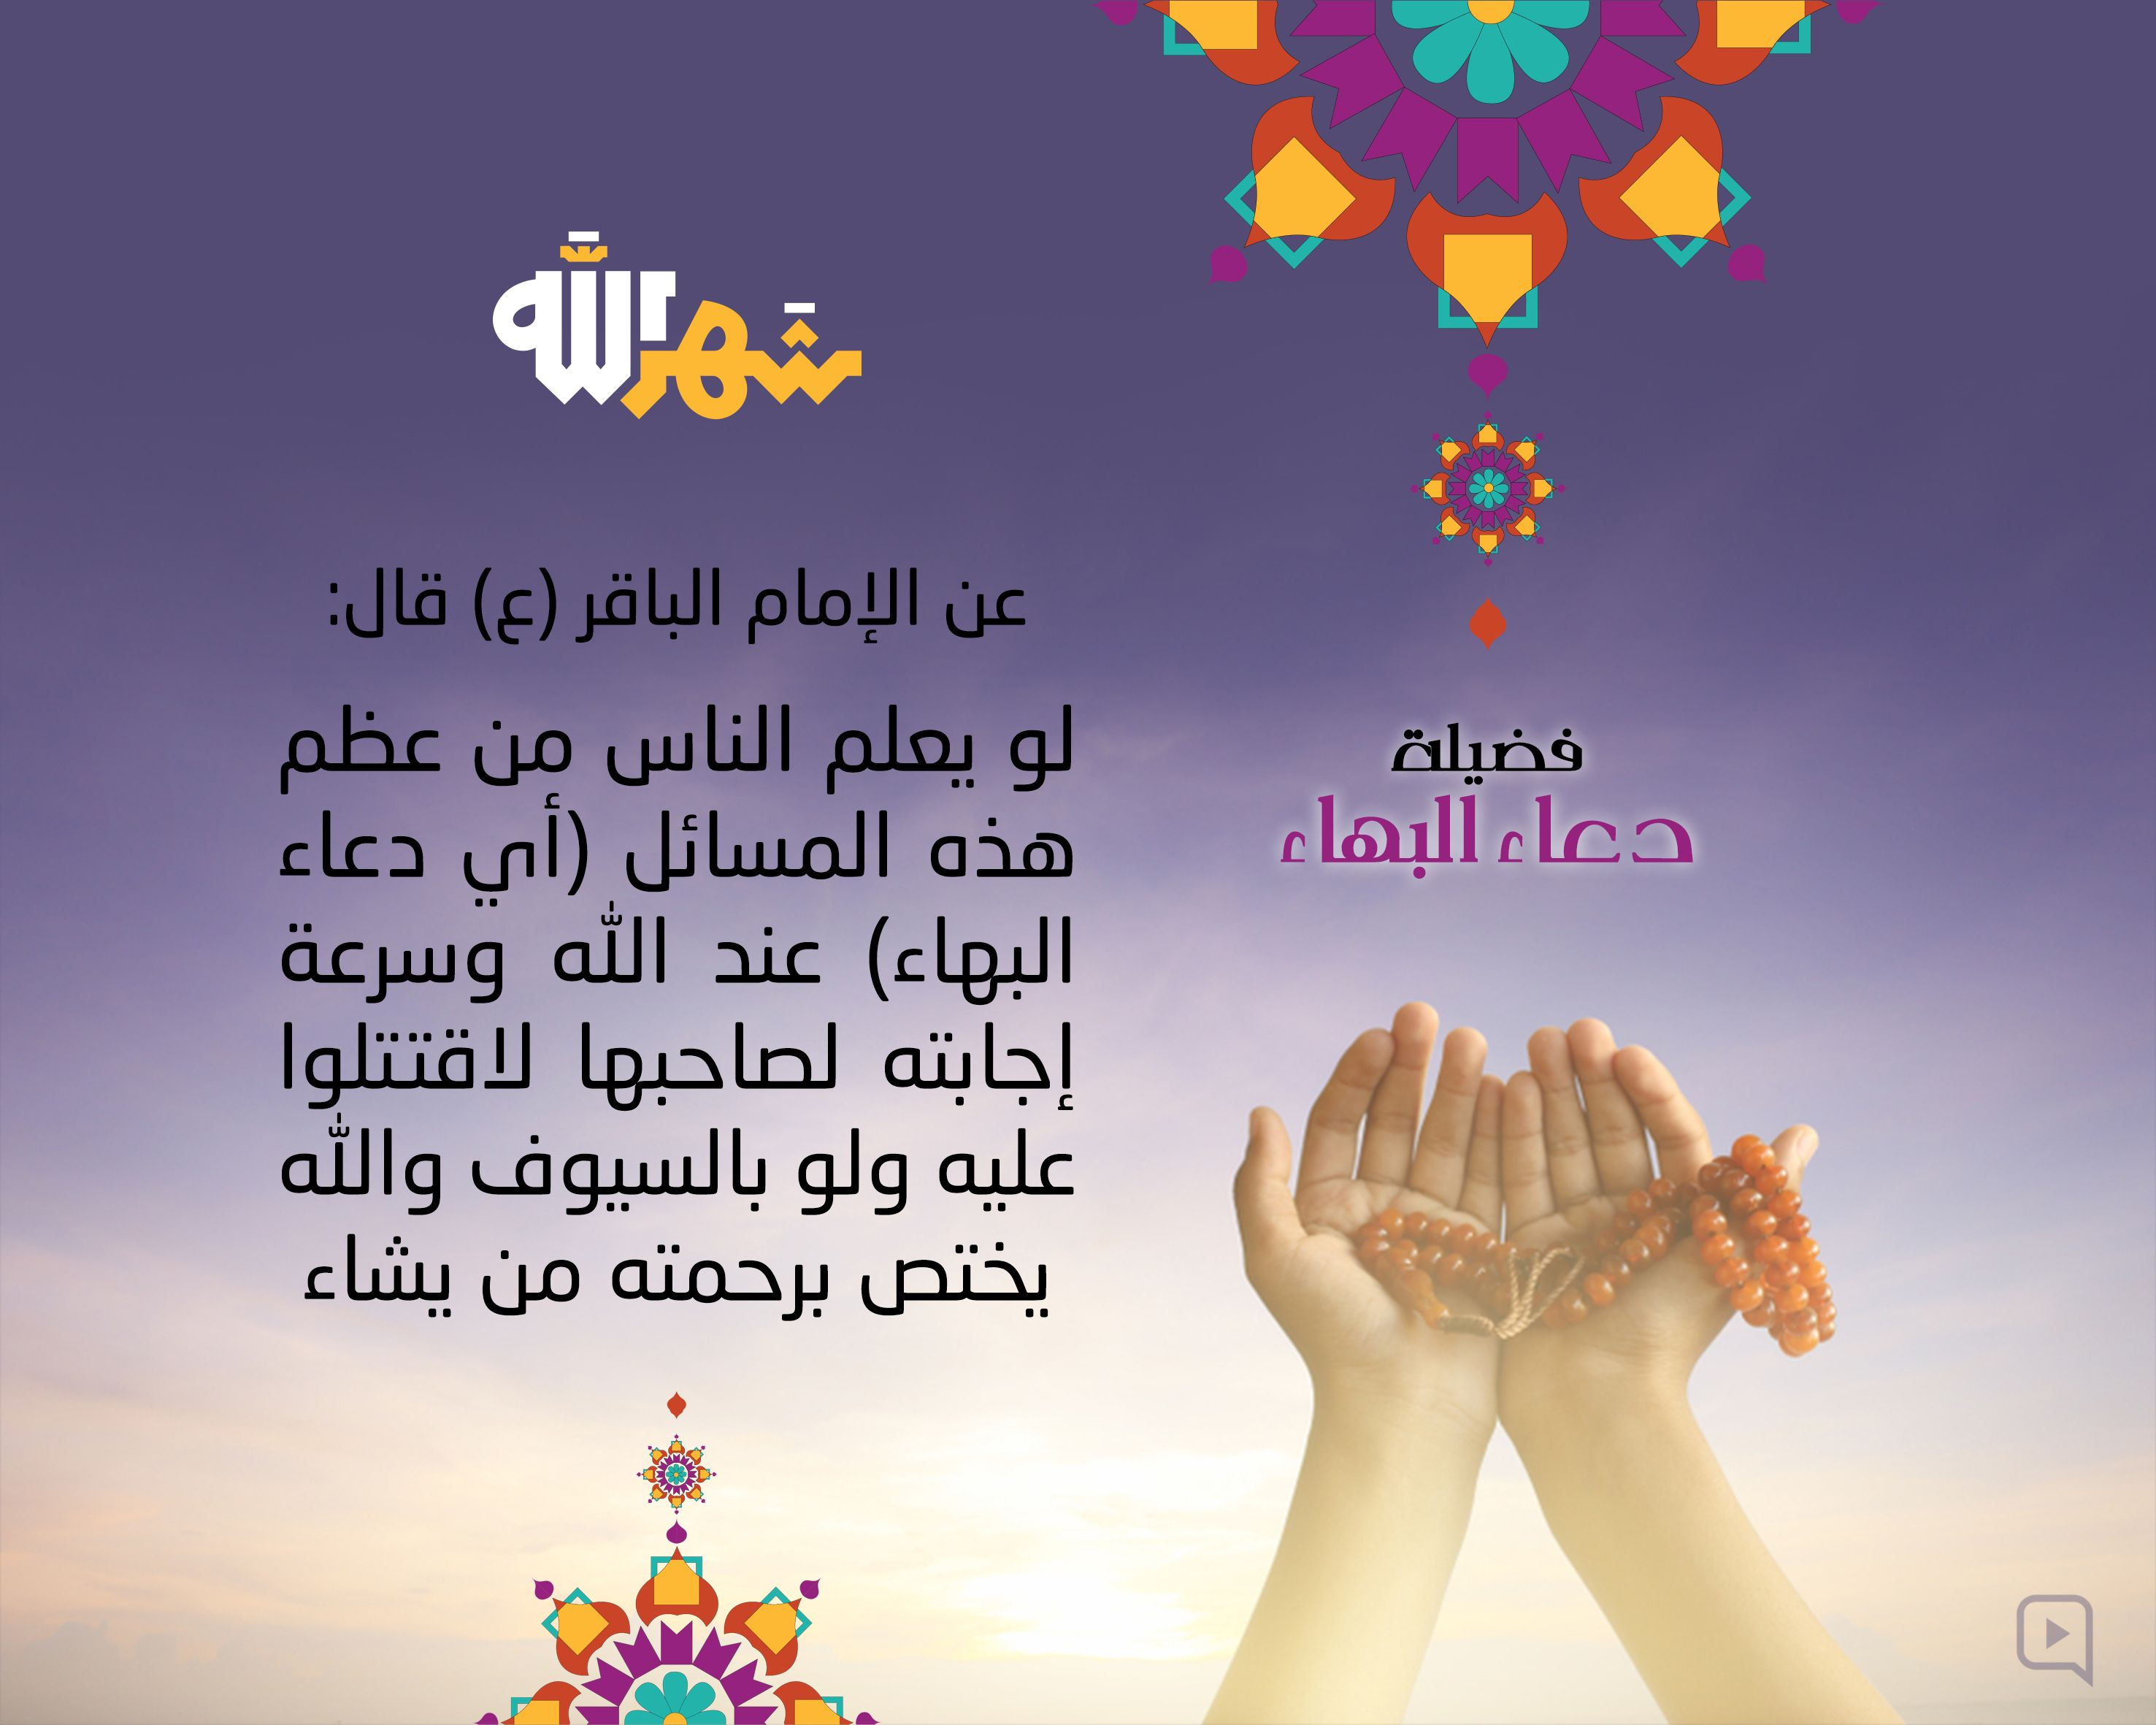 شهر رمضان دعاء البهاء Ramadan Movie Posters Quran